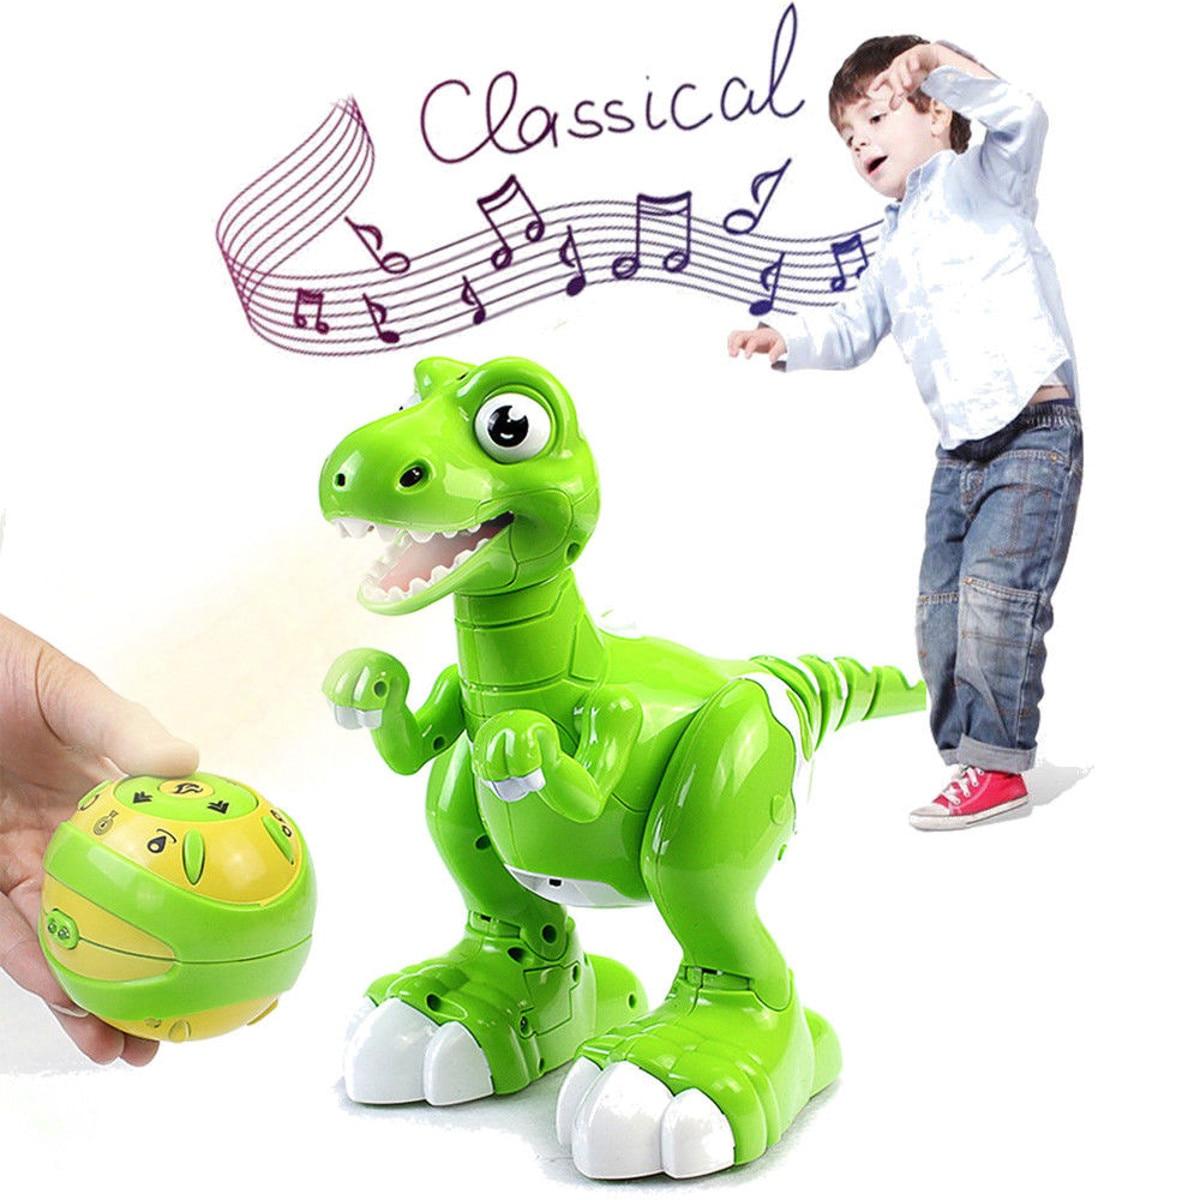 Jouets RC électriques de dinosaure de jet de télécommande marchant tyrannosaure Dino Rechargeable interactif pour des enfants avec la lumière et le son